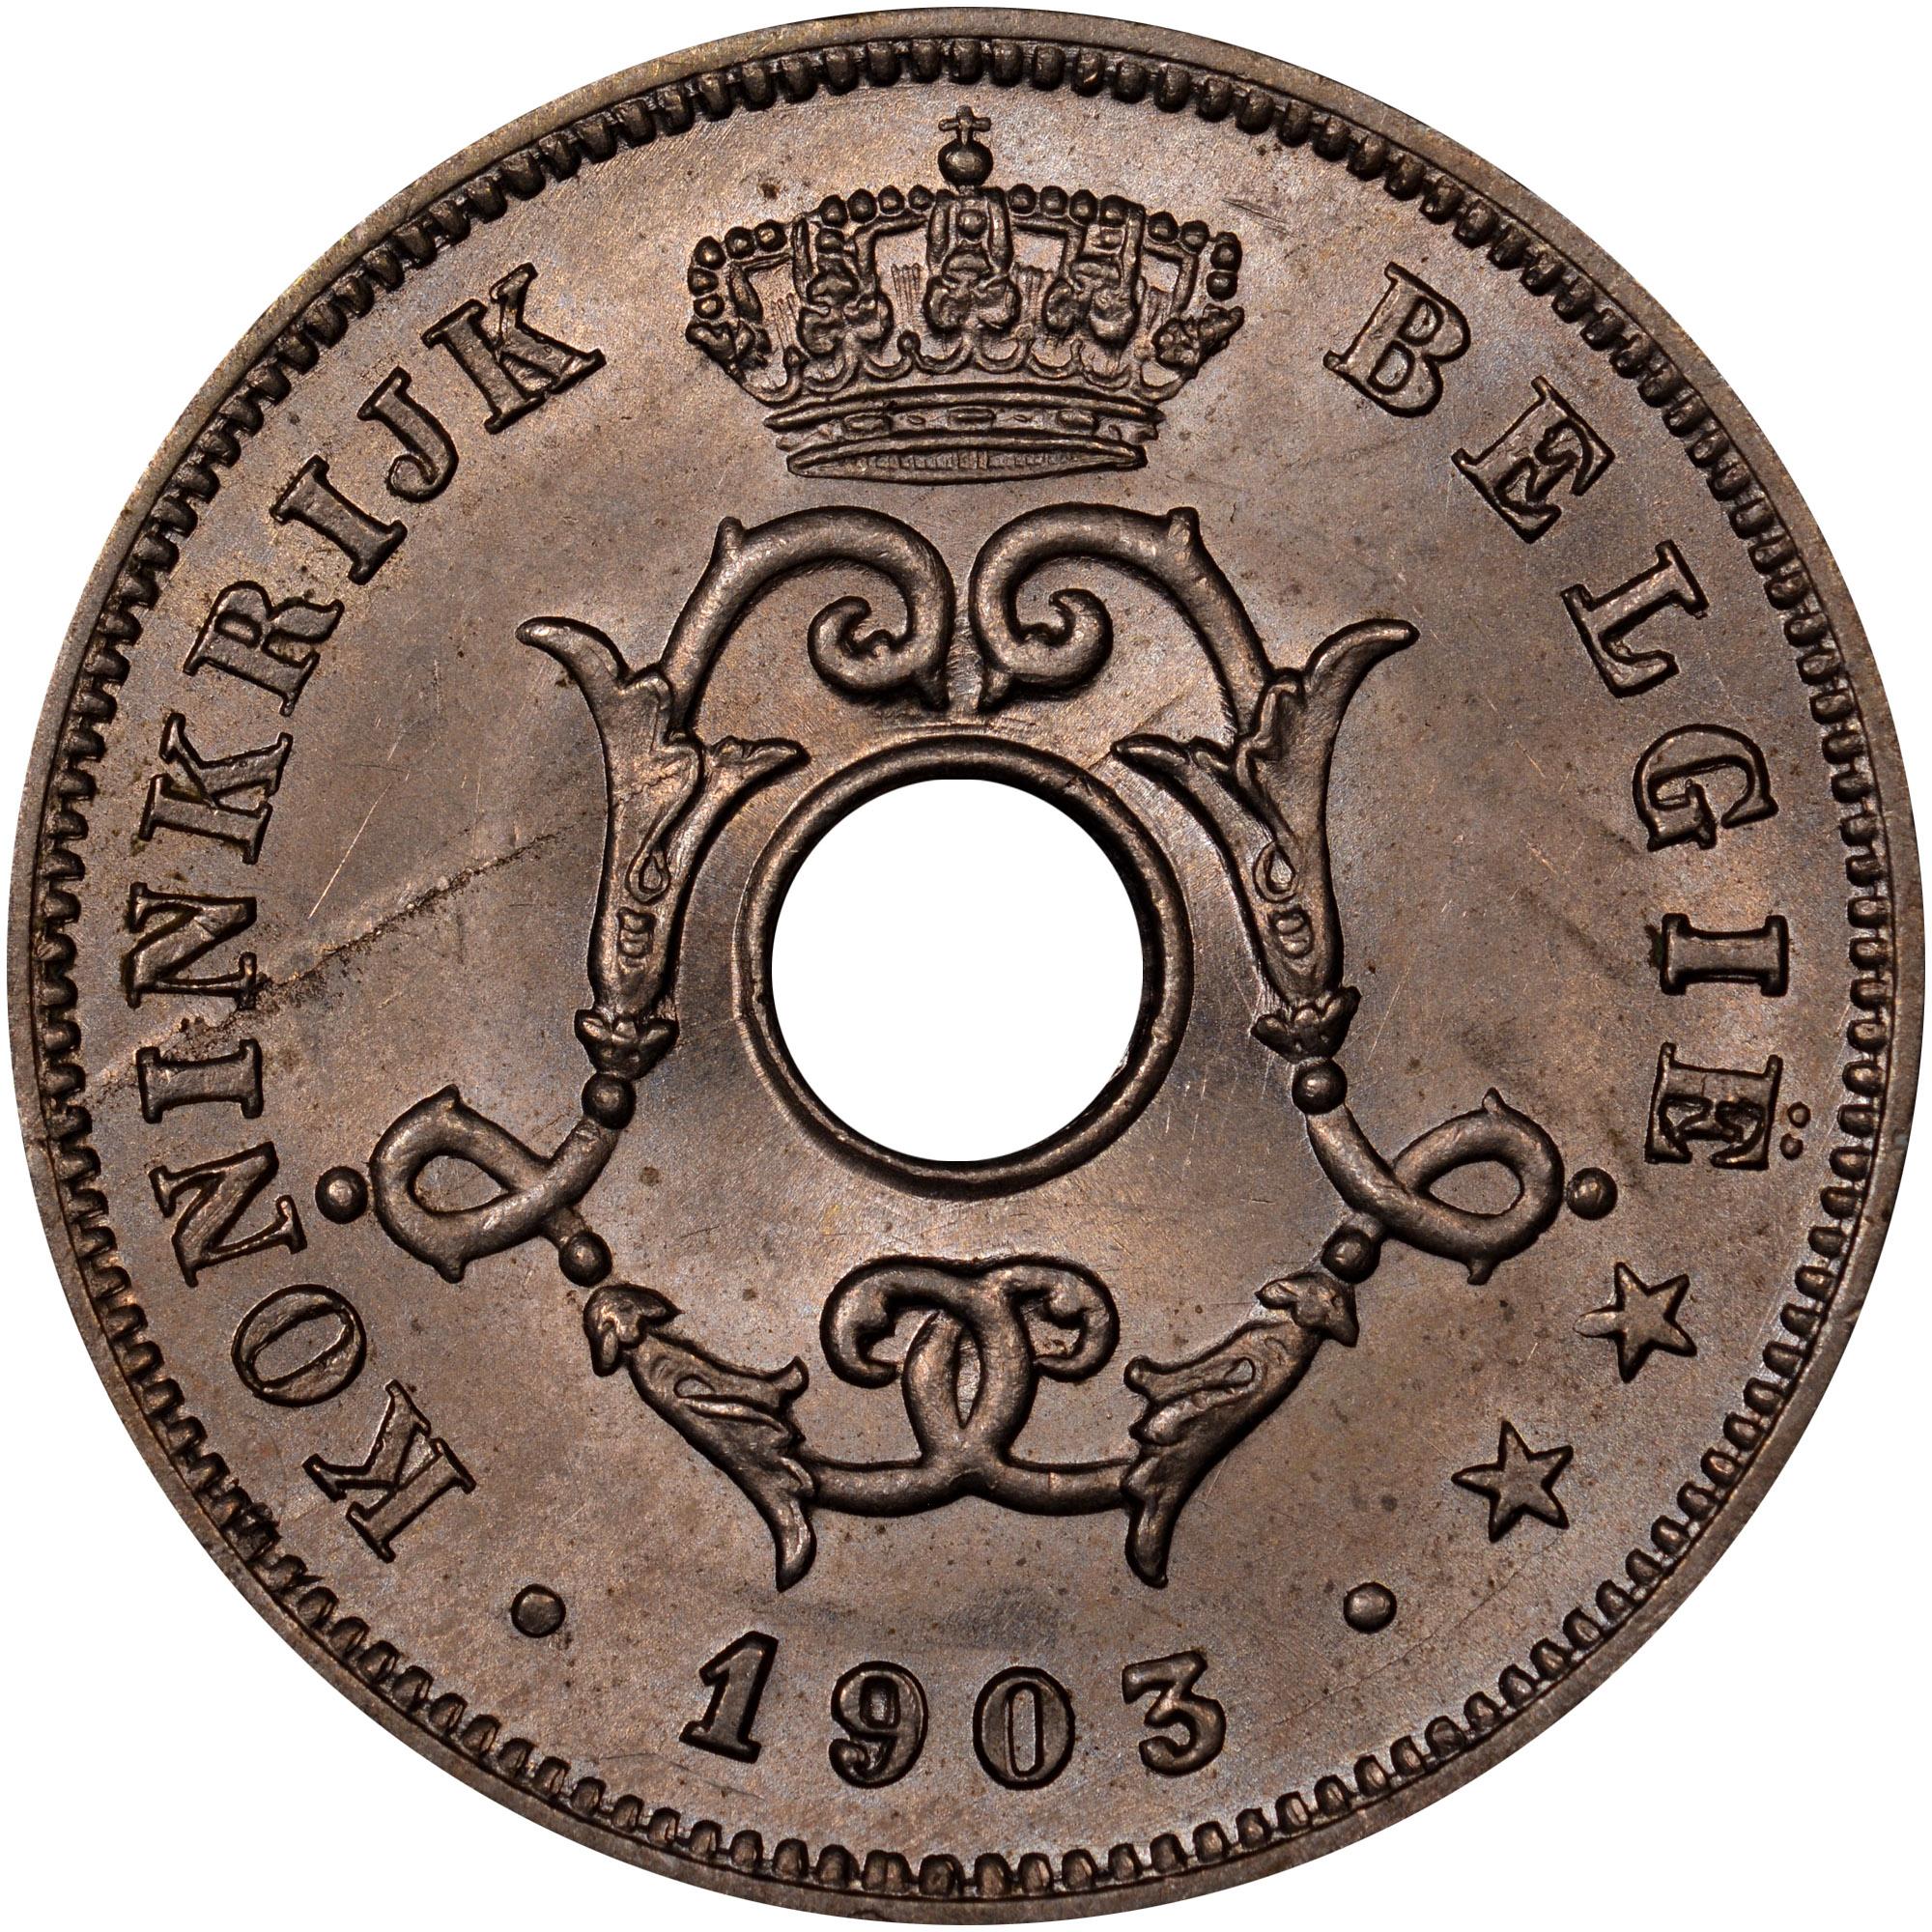 1903-1906/5 Belgium 10 Centimes obverse